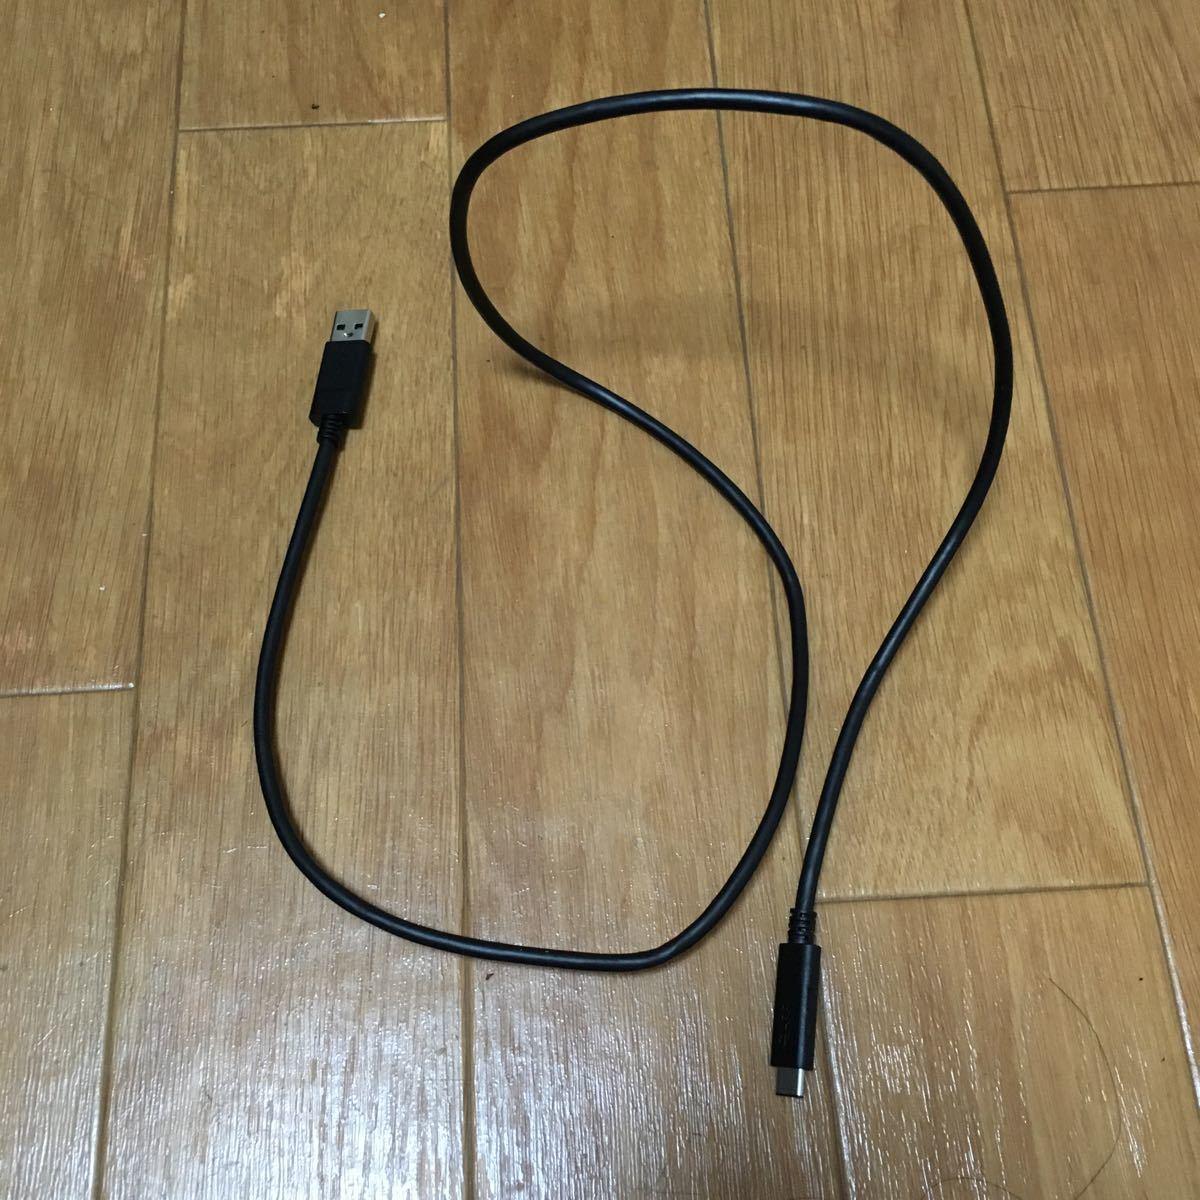 【USB3.1ケーブル】1.0m USB Type-C搭載のハードディスクに利用可能【最大3A・最大10Gbps対応】